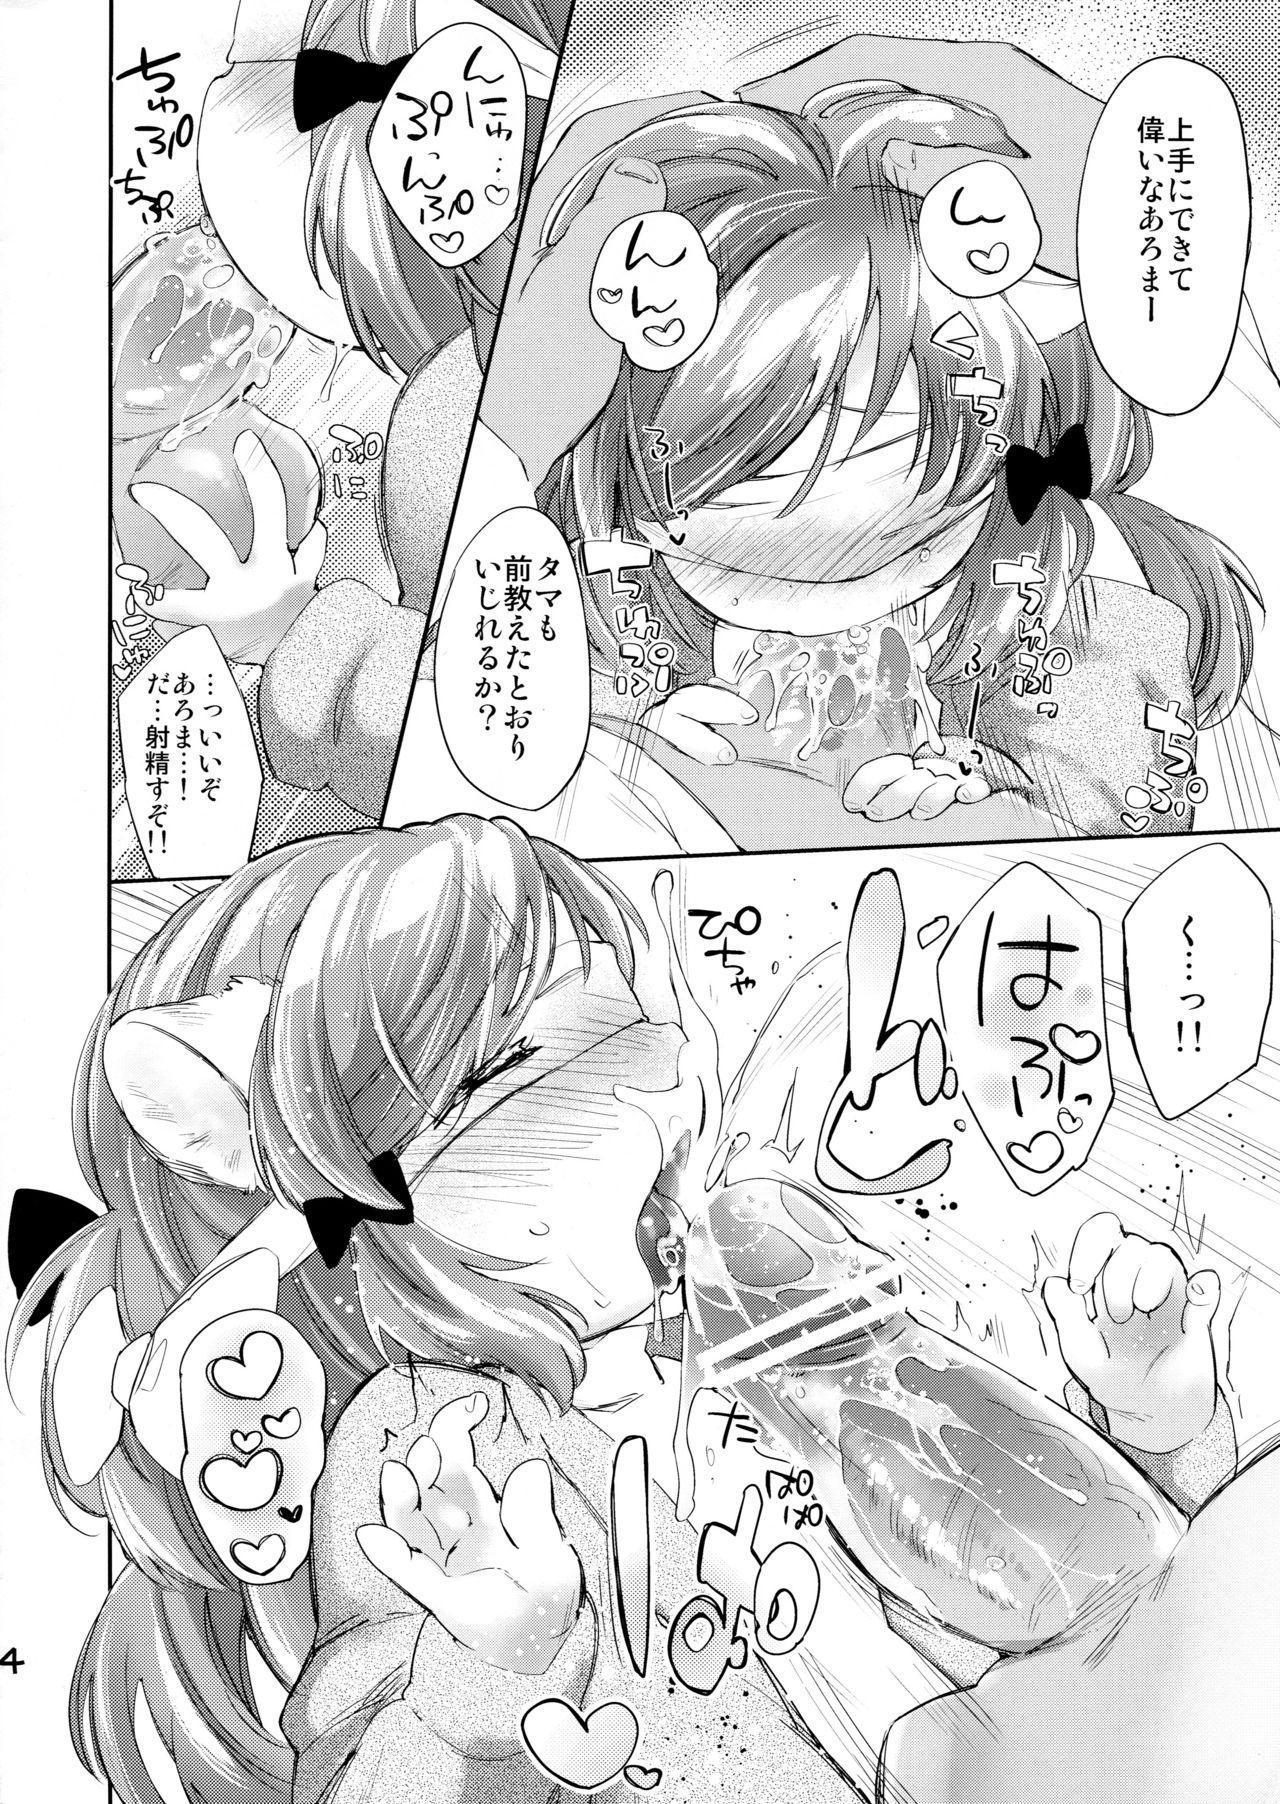 Himitsu no Shinsatsushitsu 1.5 5